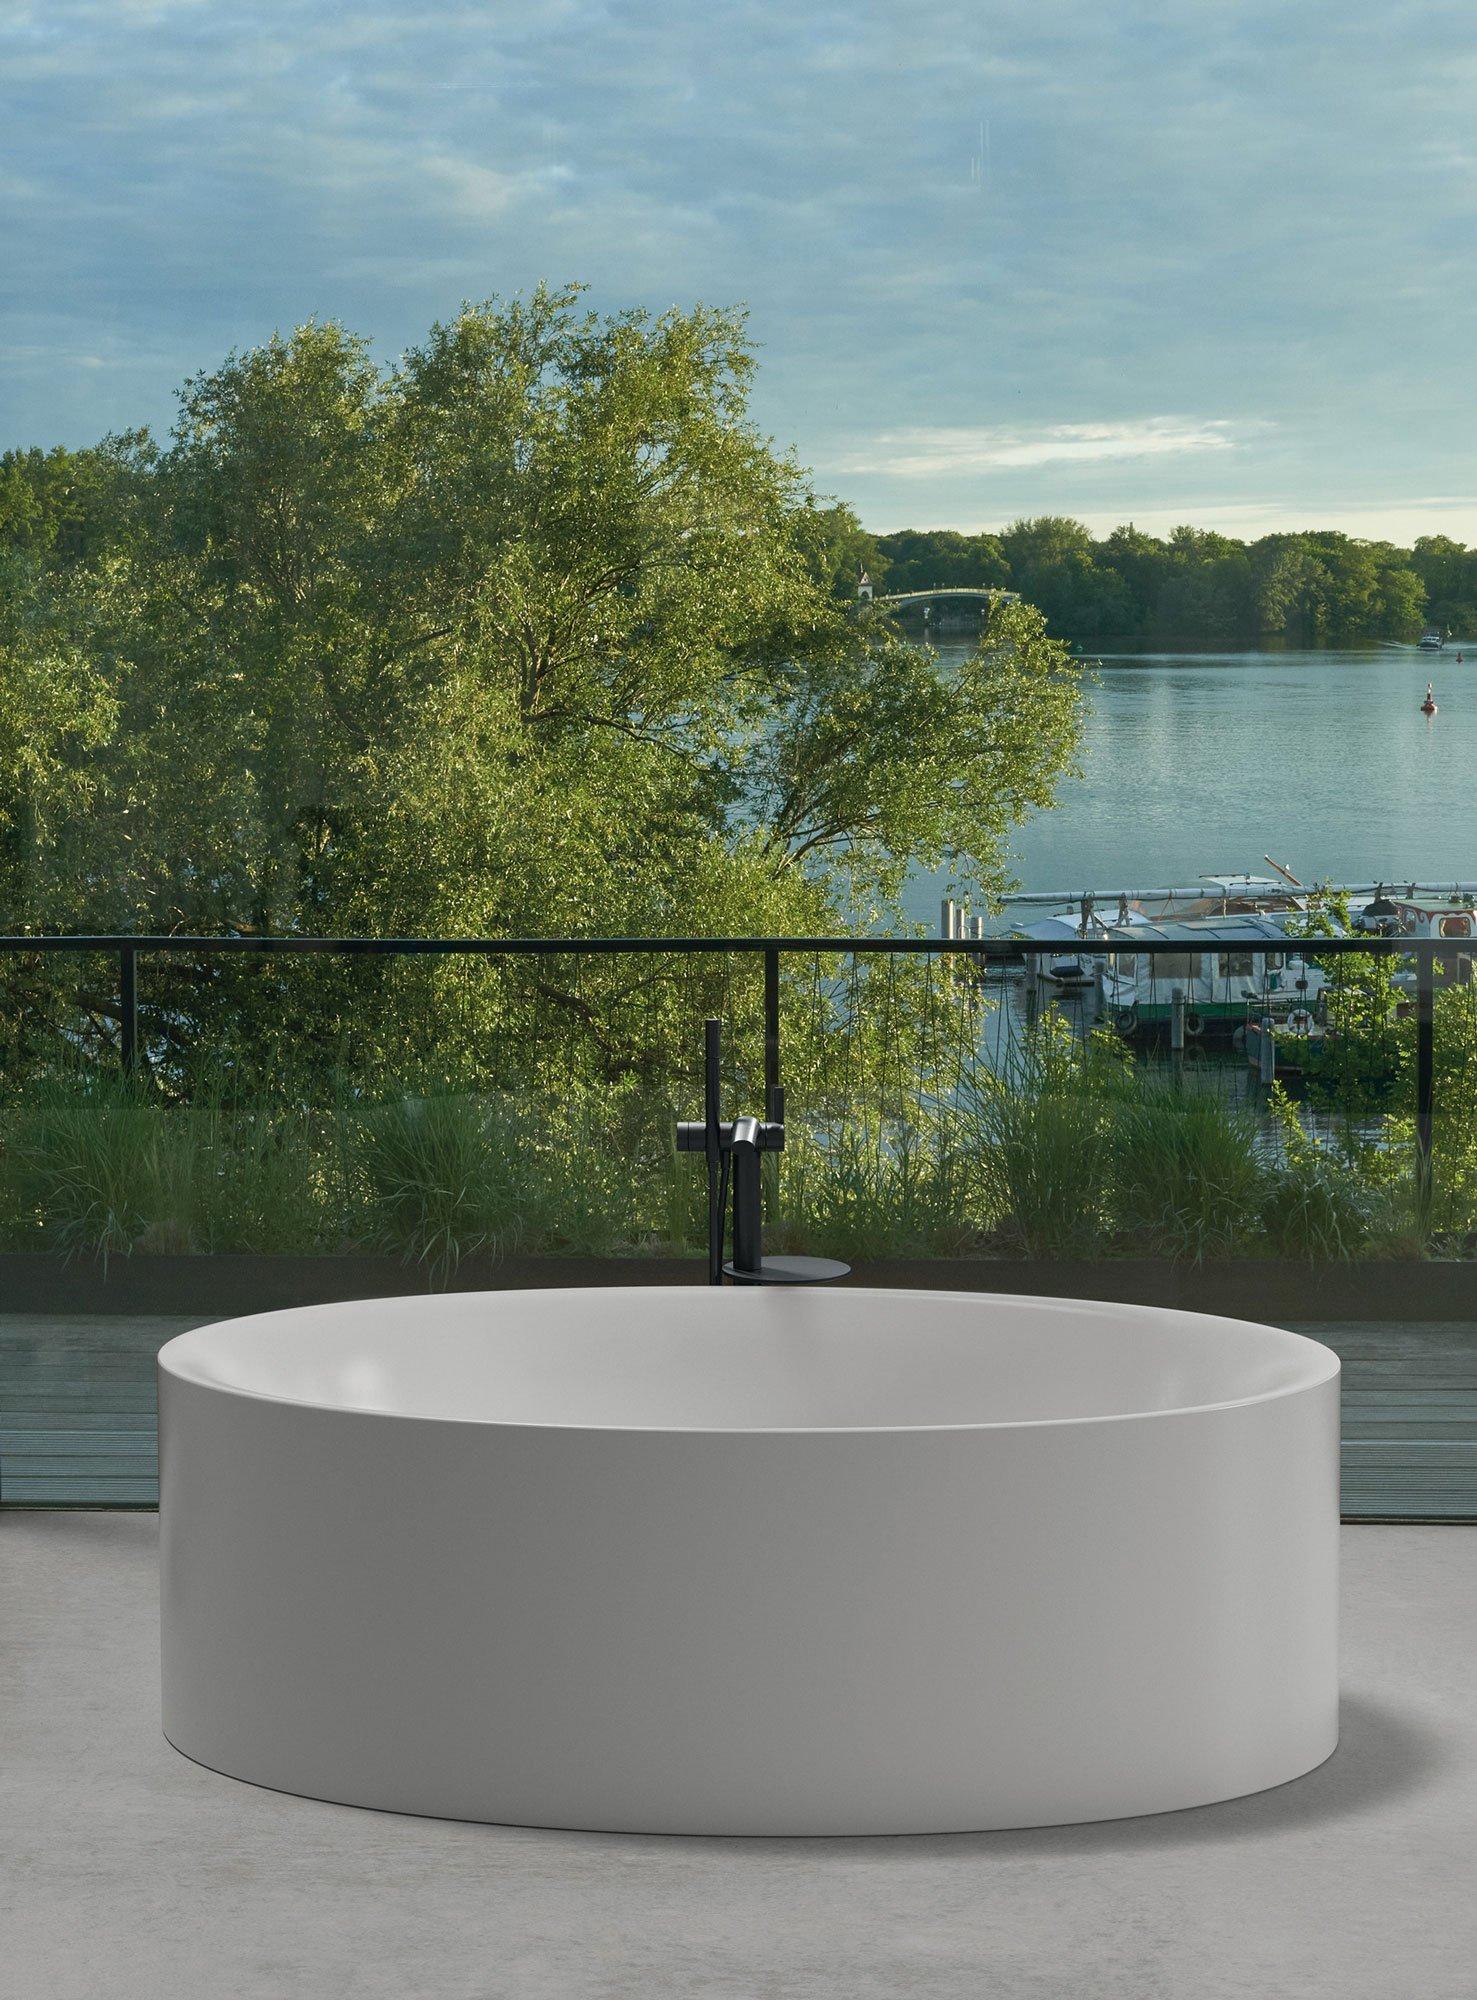 Elliptisch geformte Badewanne von Tesseraux+Partner für Bette